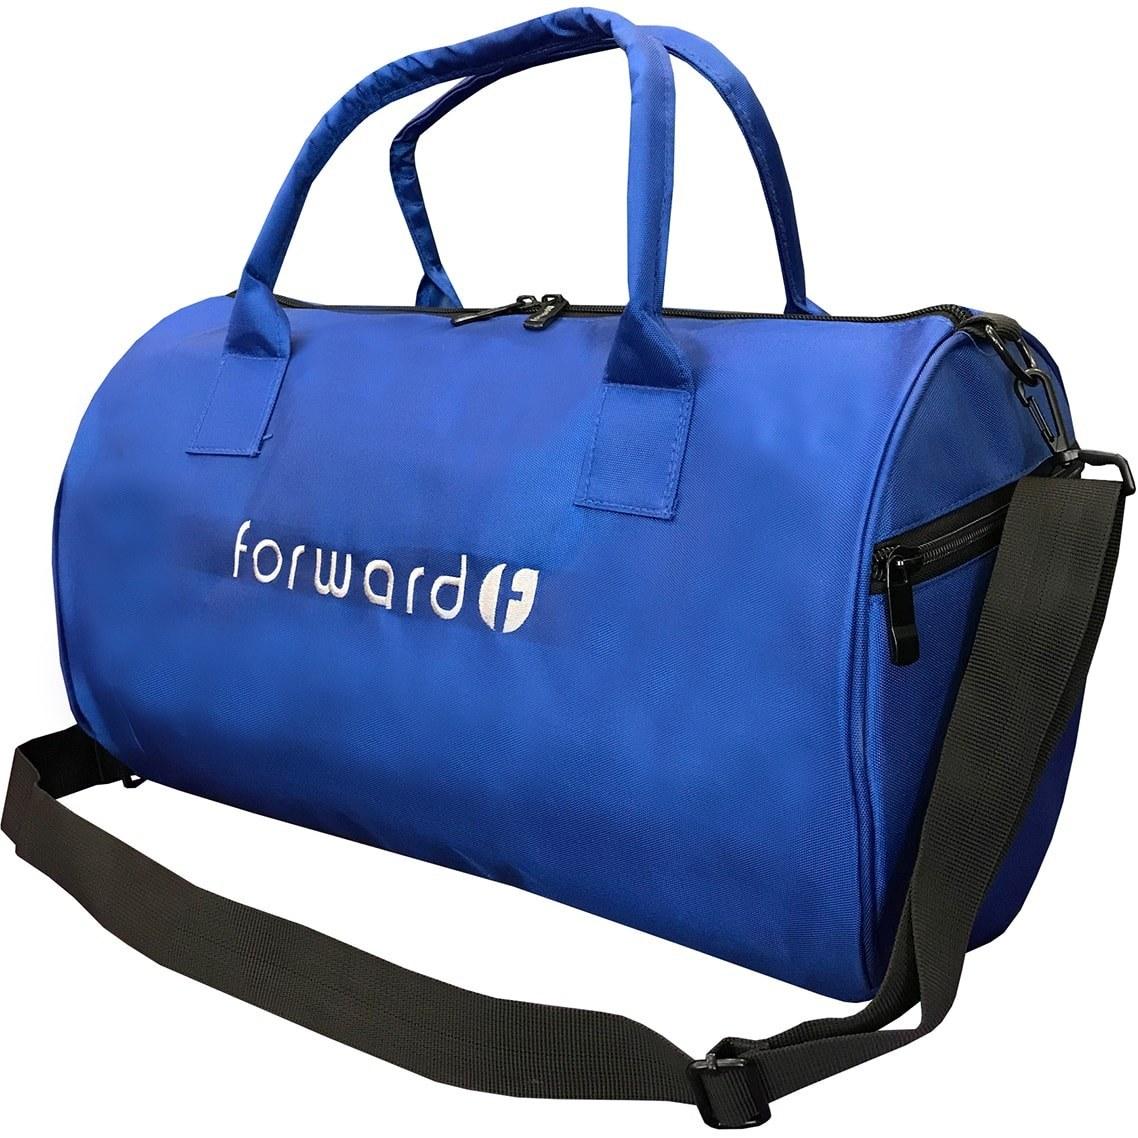 تصویر ساک ورزشی فوروارد مدل FORWARD FCLT004